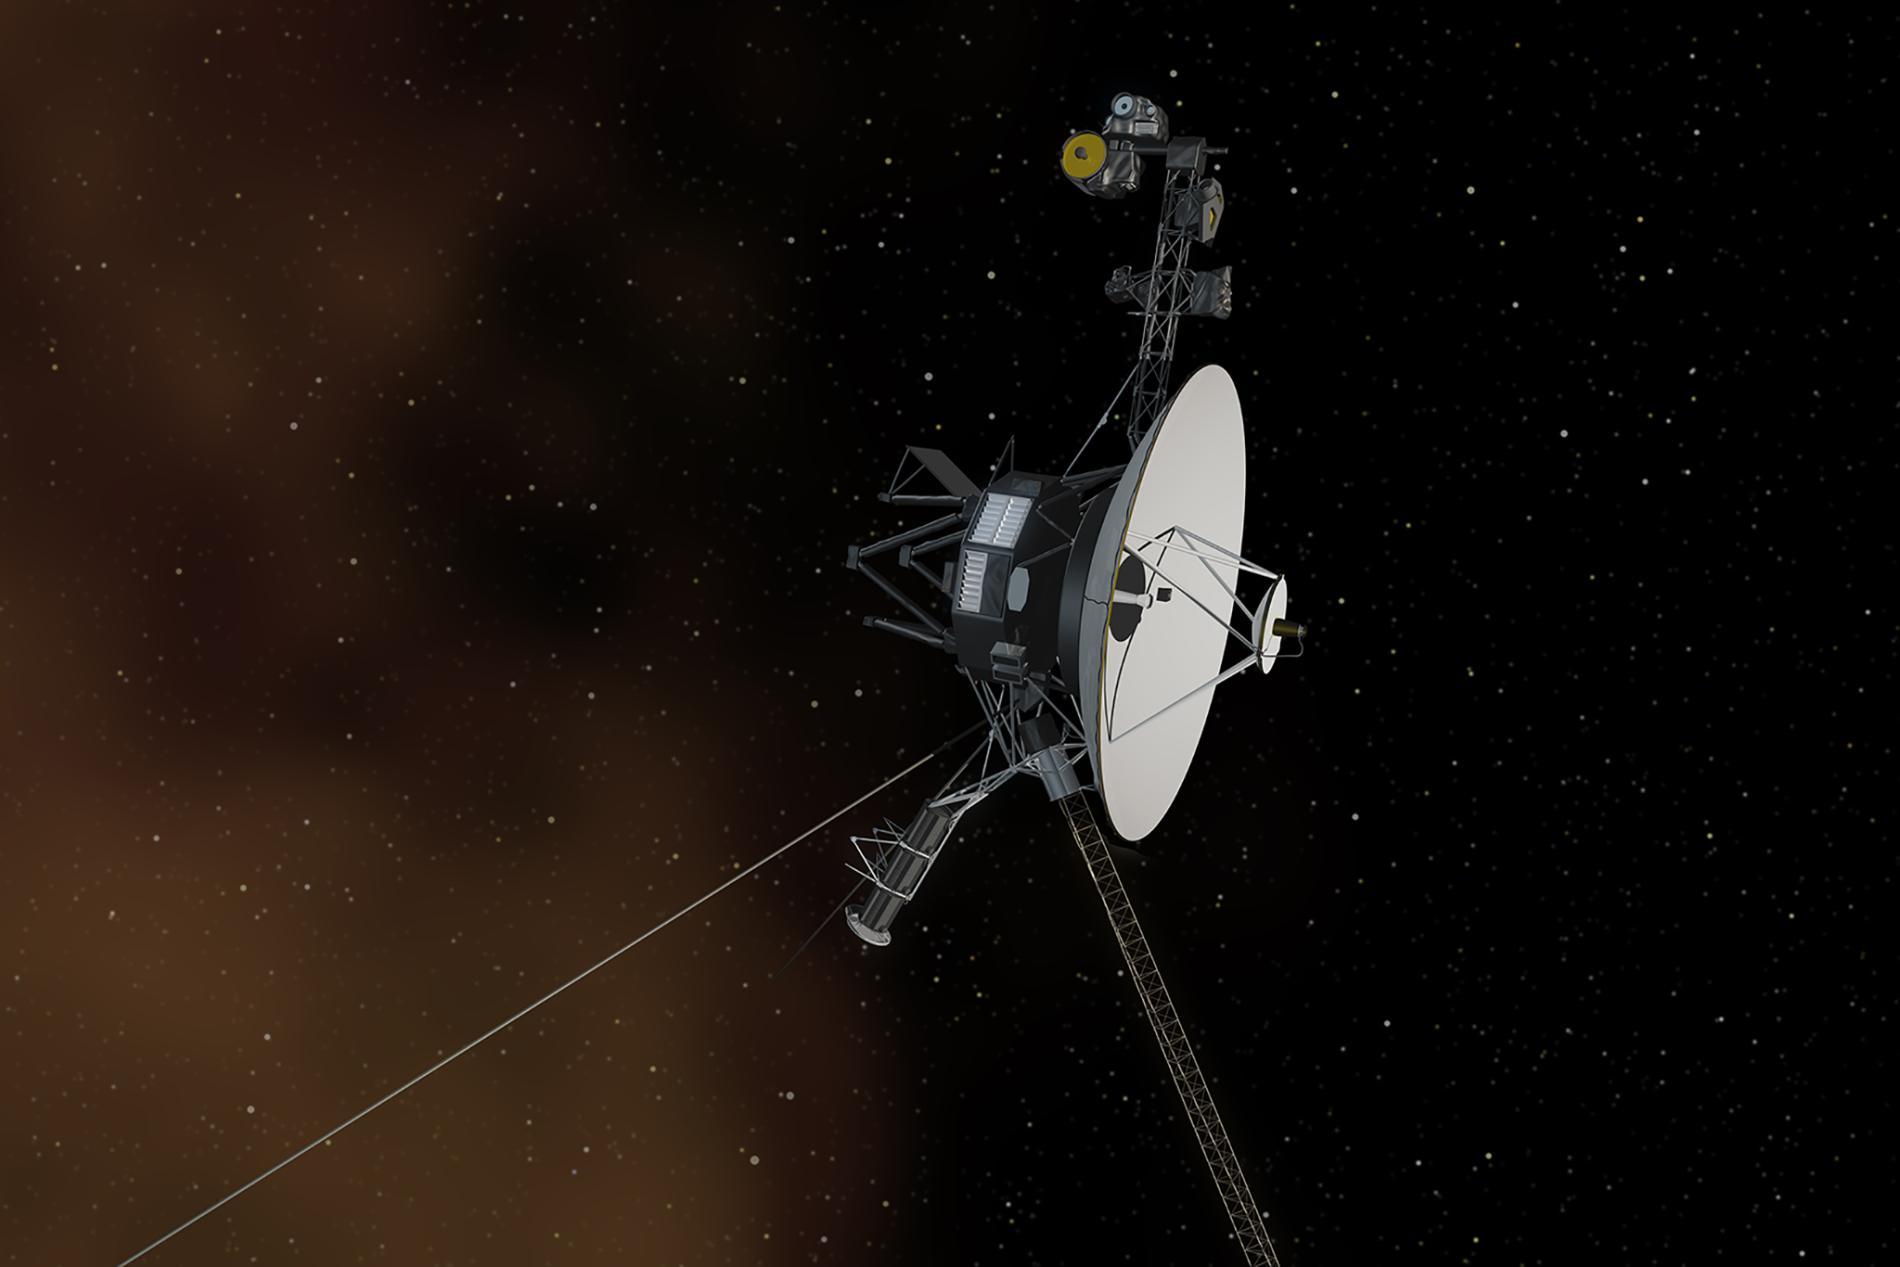 Легендарний зонд Вояджер вийшов у міжзоряний простір: що посилатиме апарат з минулого століття на Землю